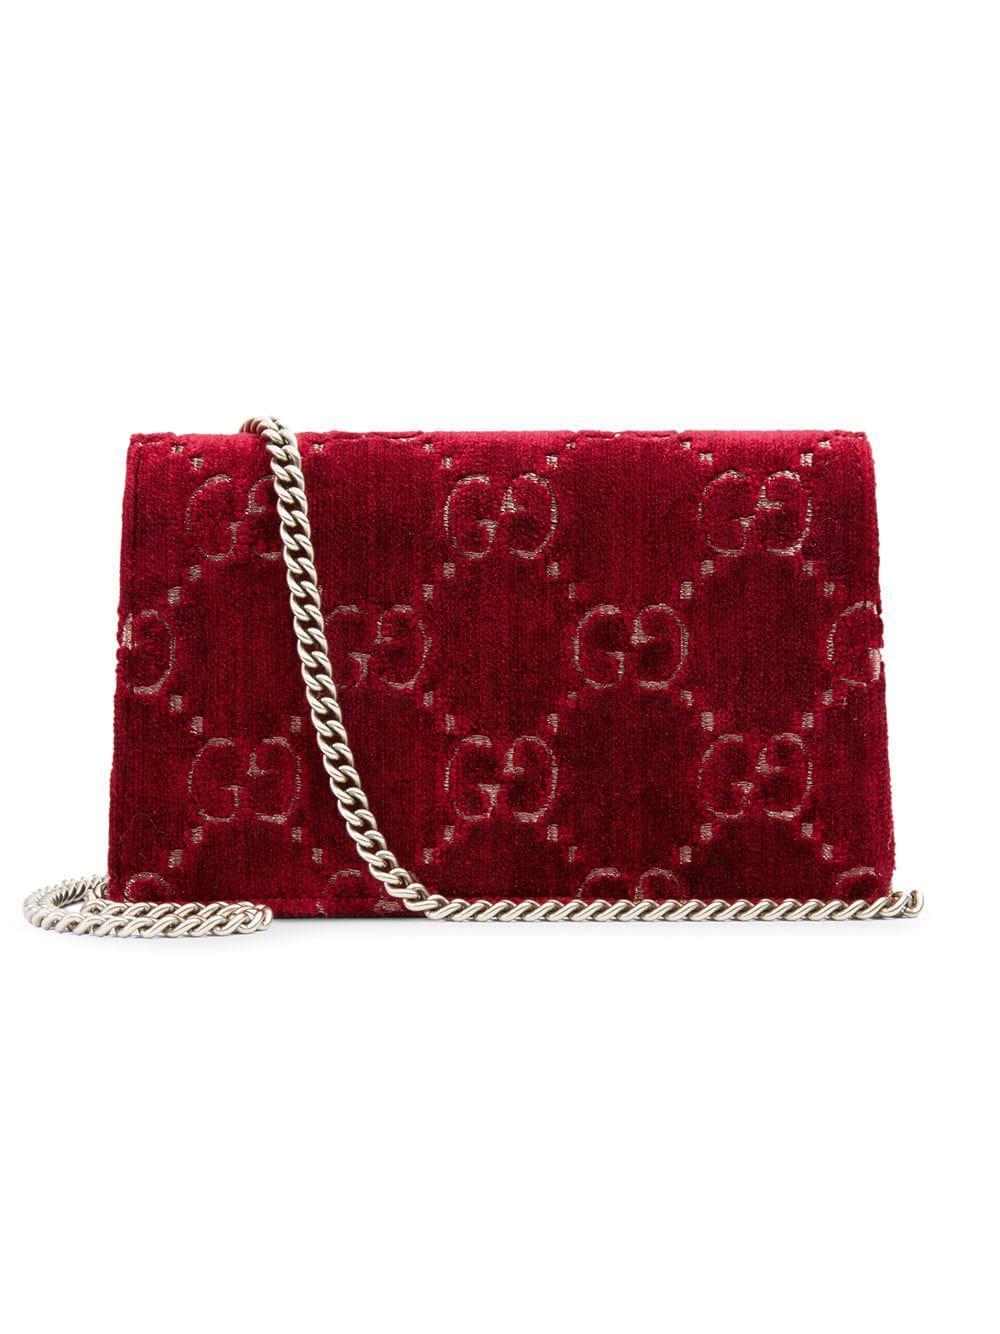 e7176e60634e Lyst - Gucci Dionysus GG Velvet Super Mini Bag in Red